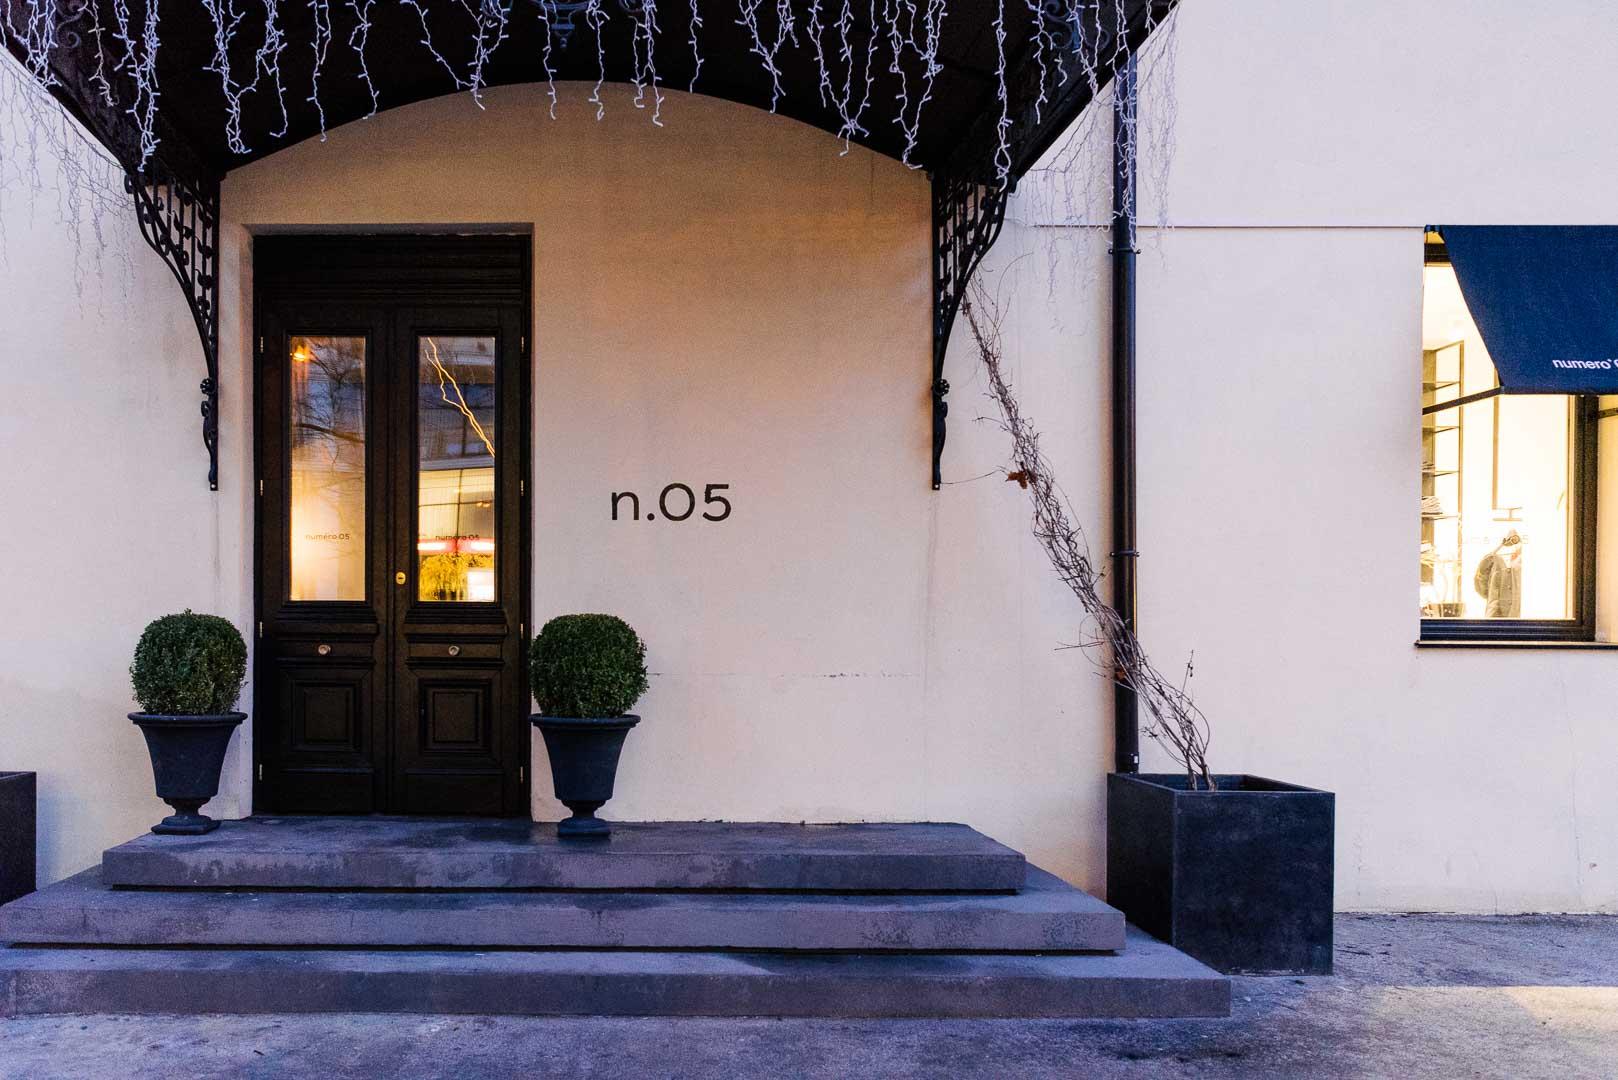 Numero 05, мультибрендовый магазин и кафе. Юрия Олеши, 5б